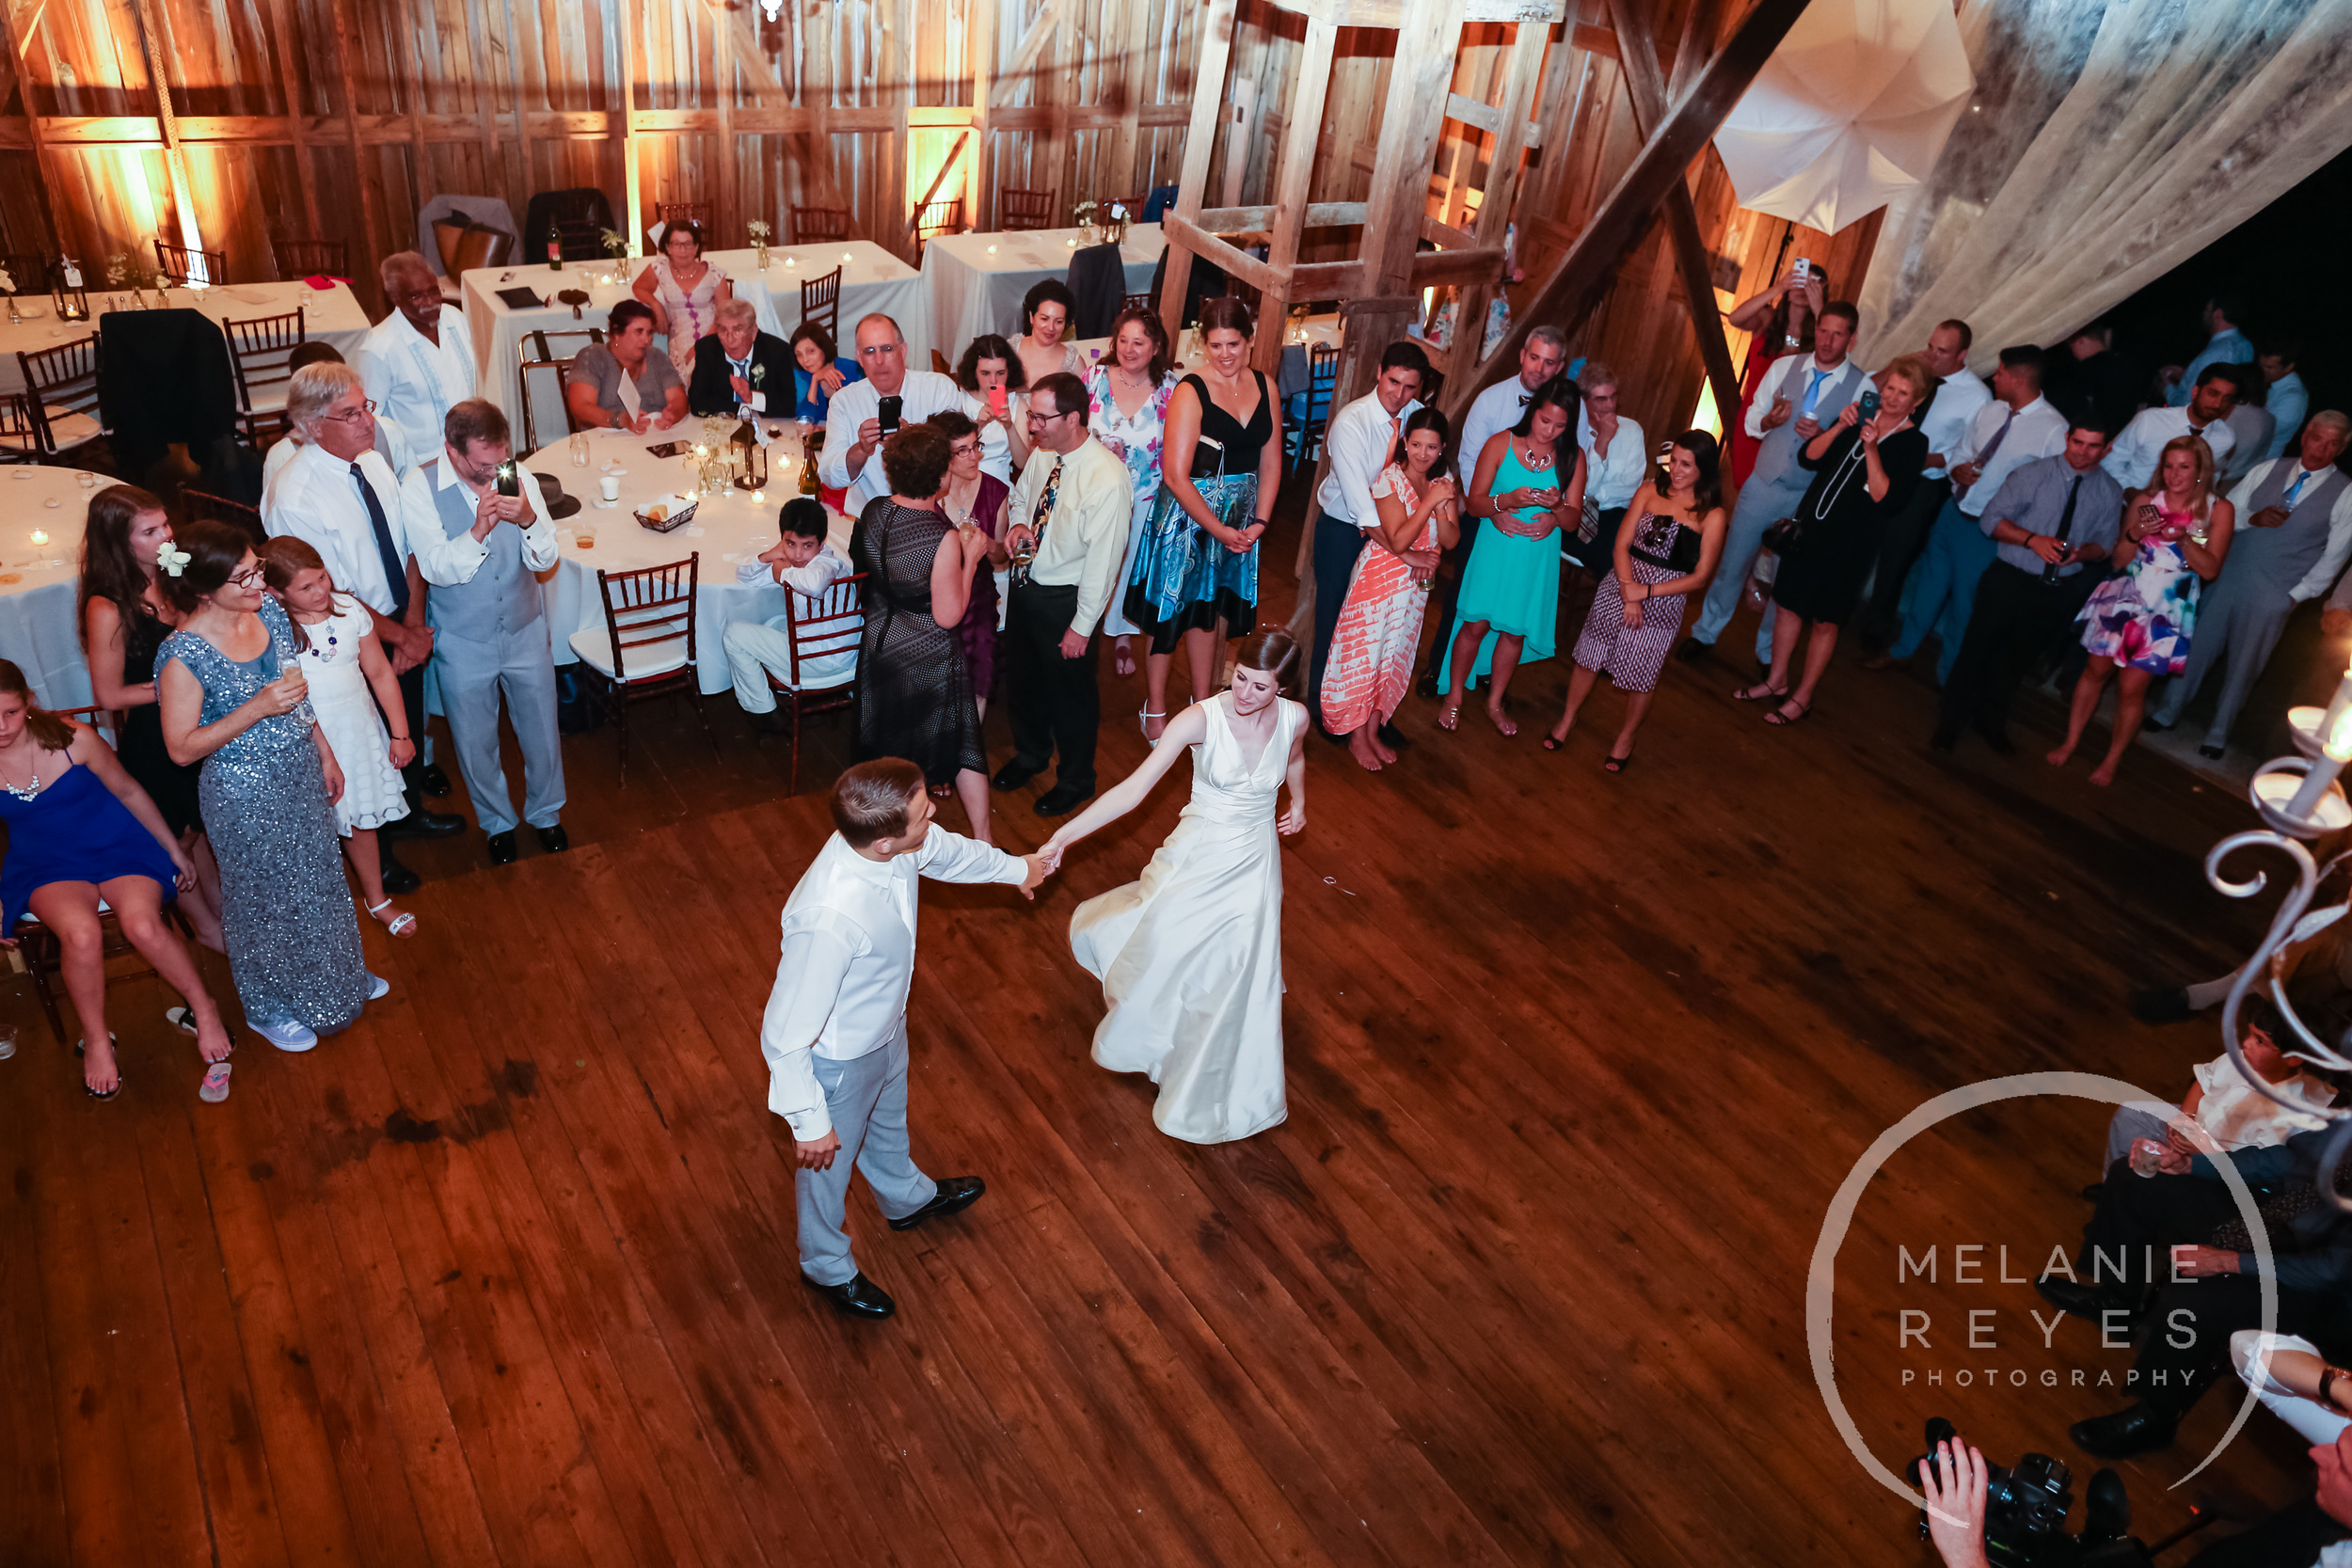 088_farm_wedding_melanie_reyes.JPG